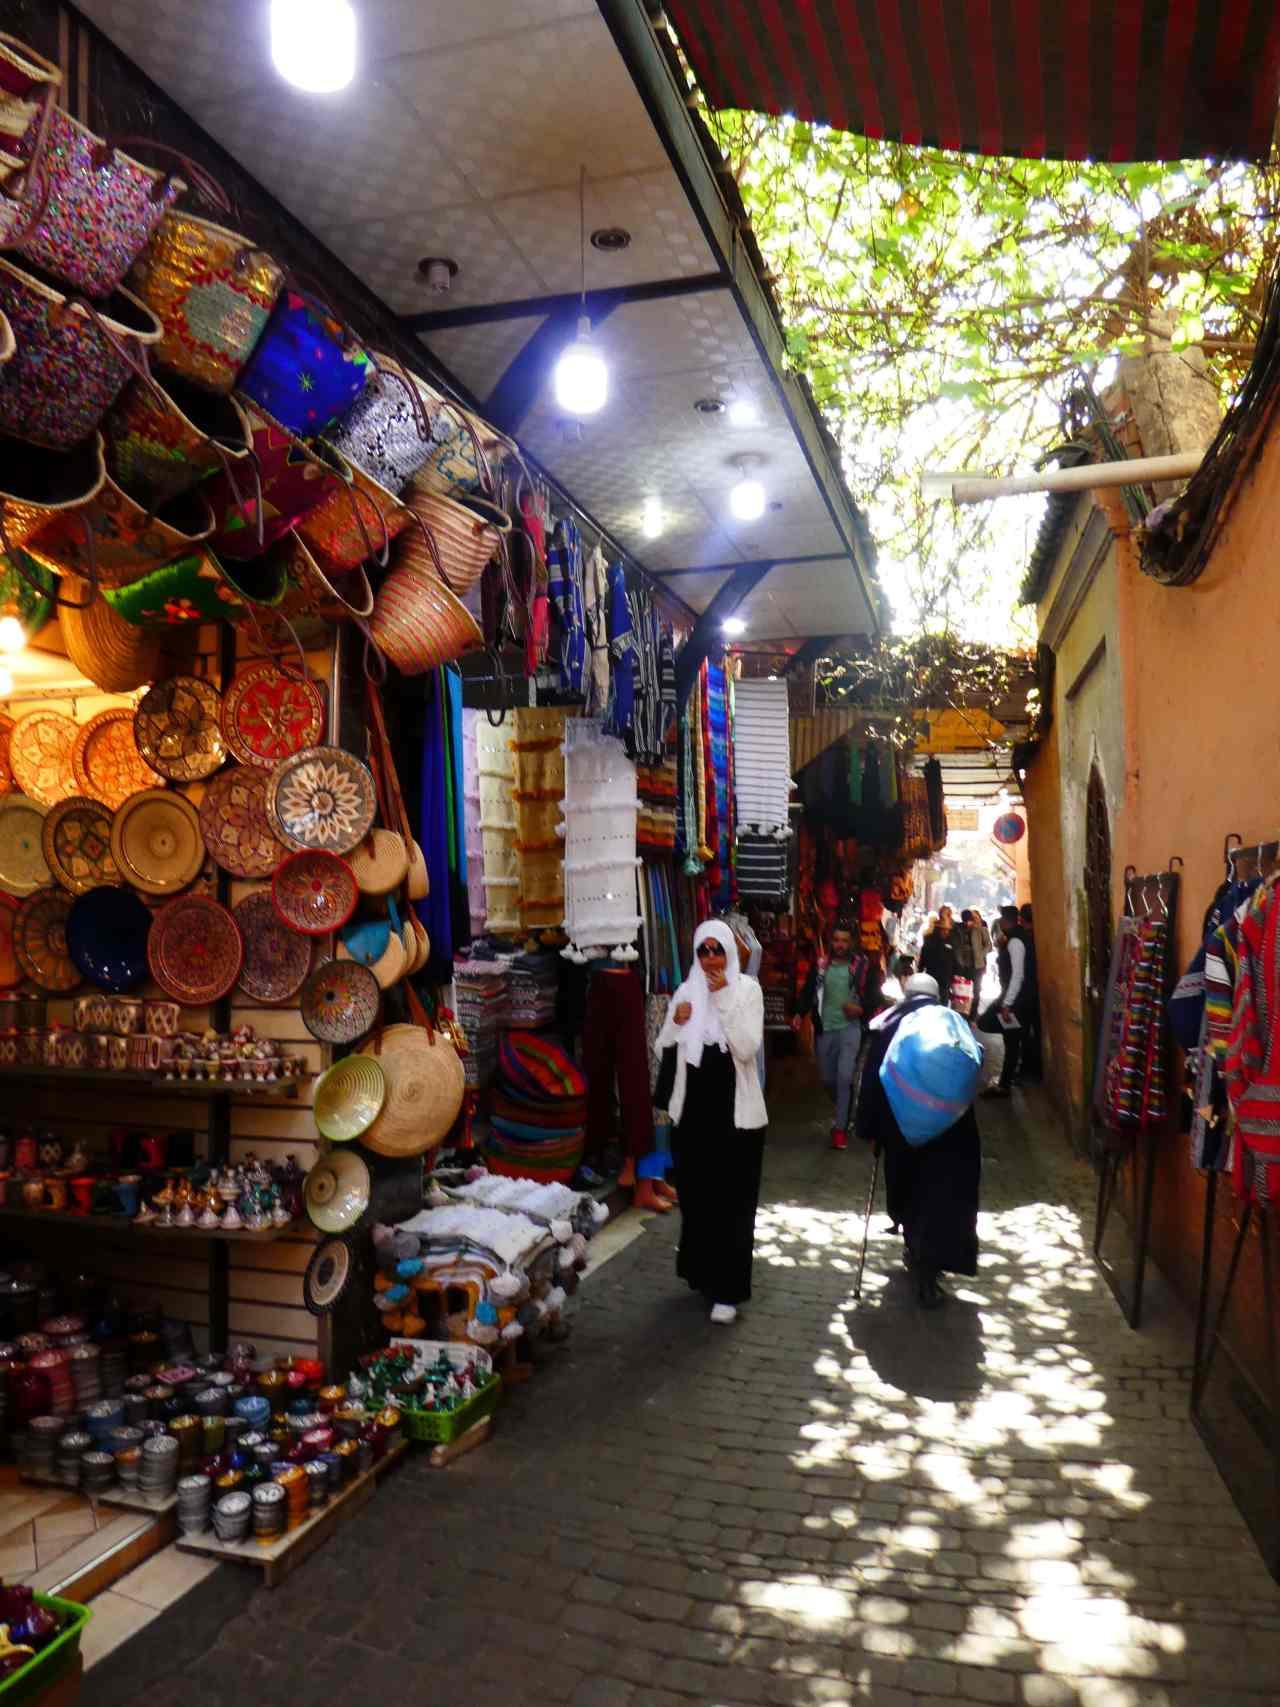 Souk streets Marrakech medina